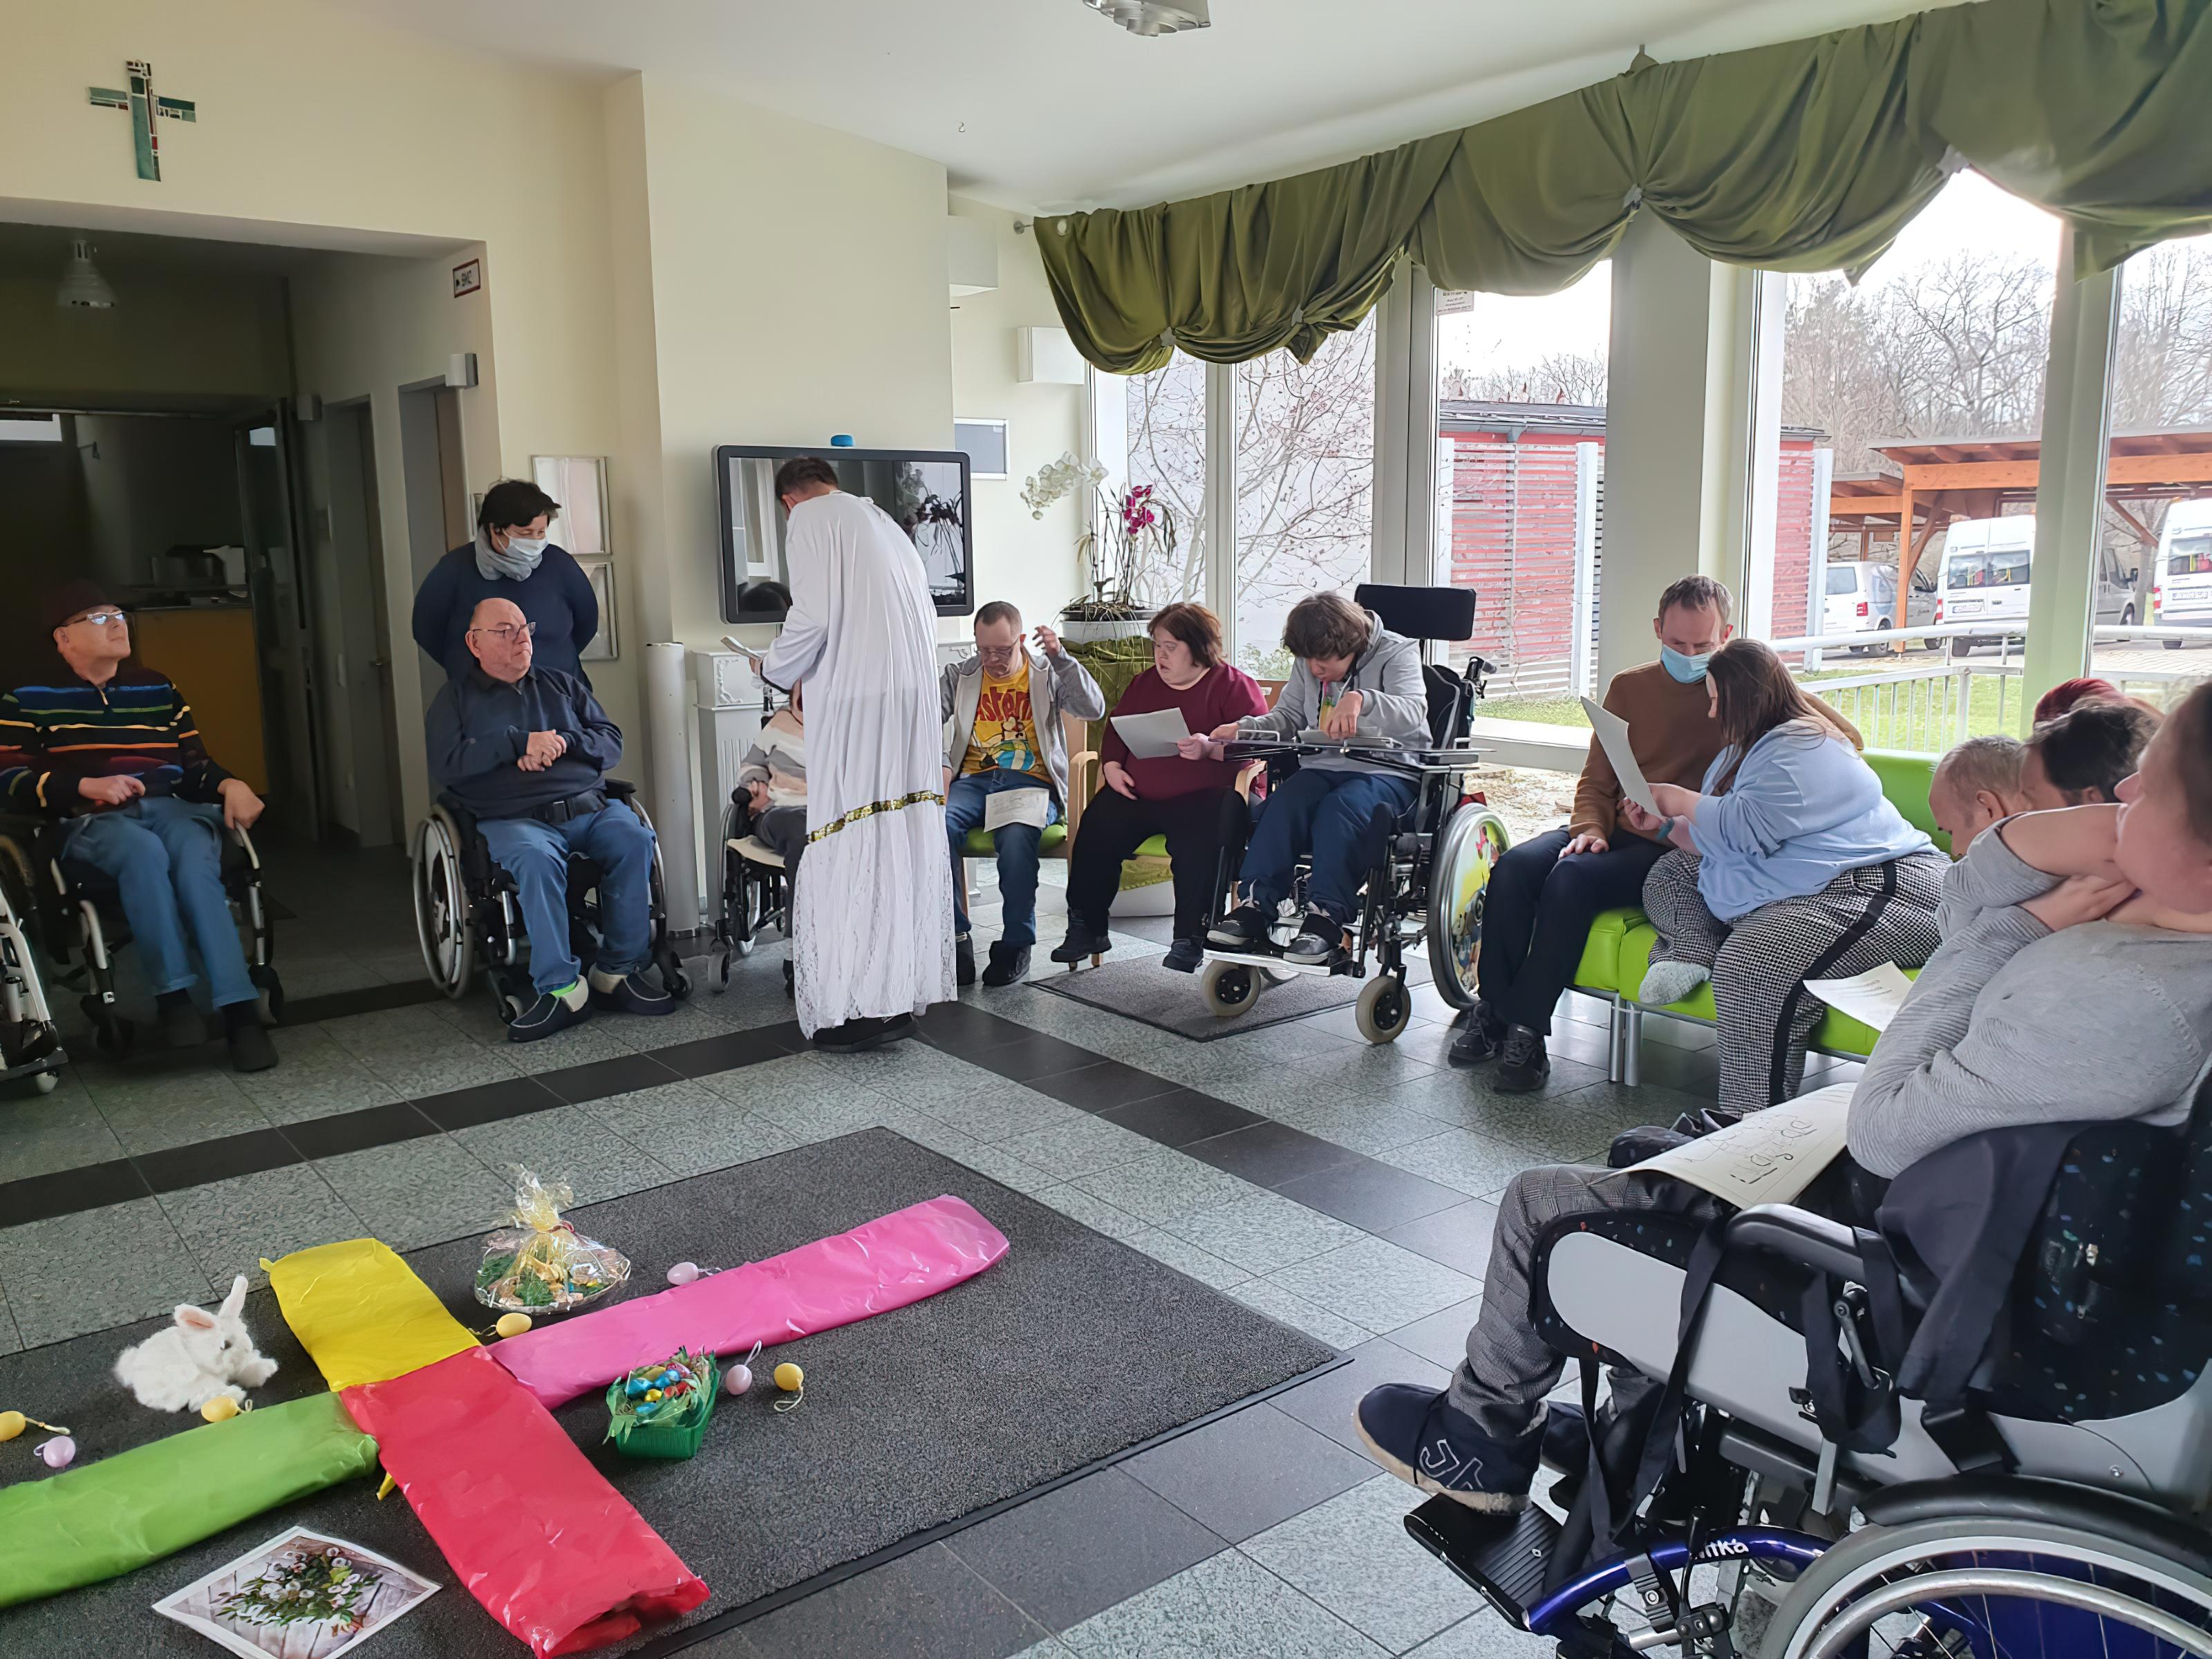 Frühling und Gebete im Mittelpunkt - Hausgemeinschaft feierte Gottesdienst.